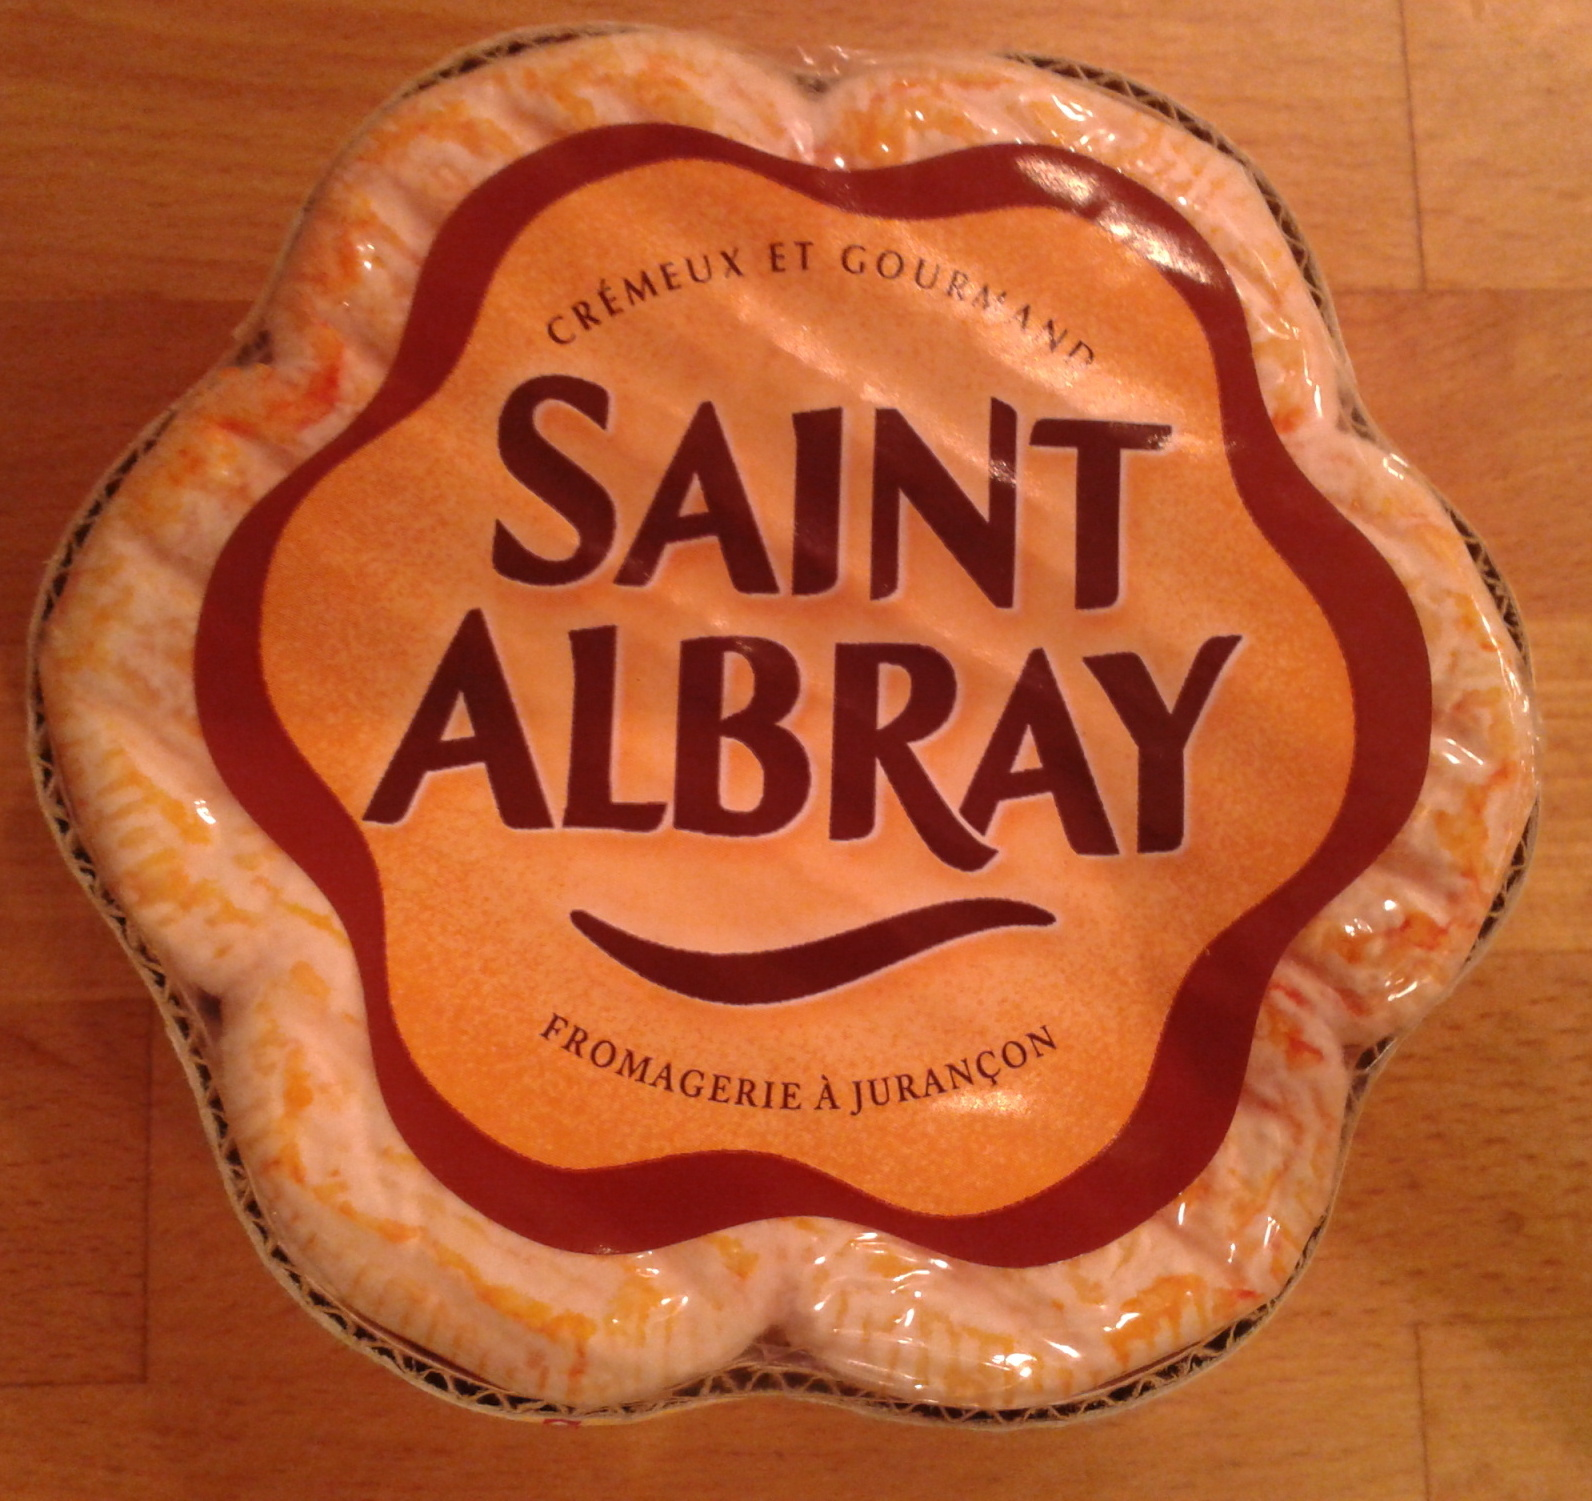 Crémeux et gourmand Saint Albray - Product - fr